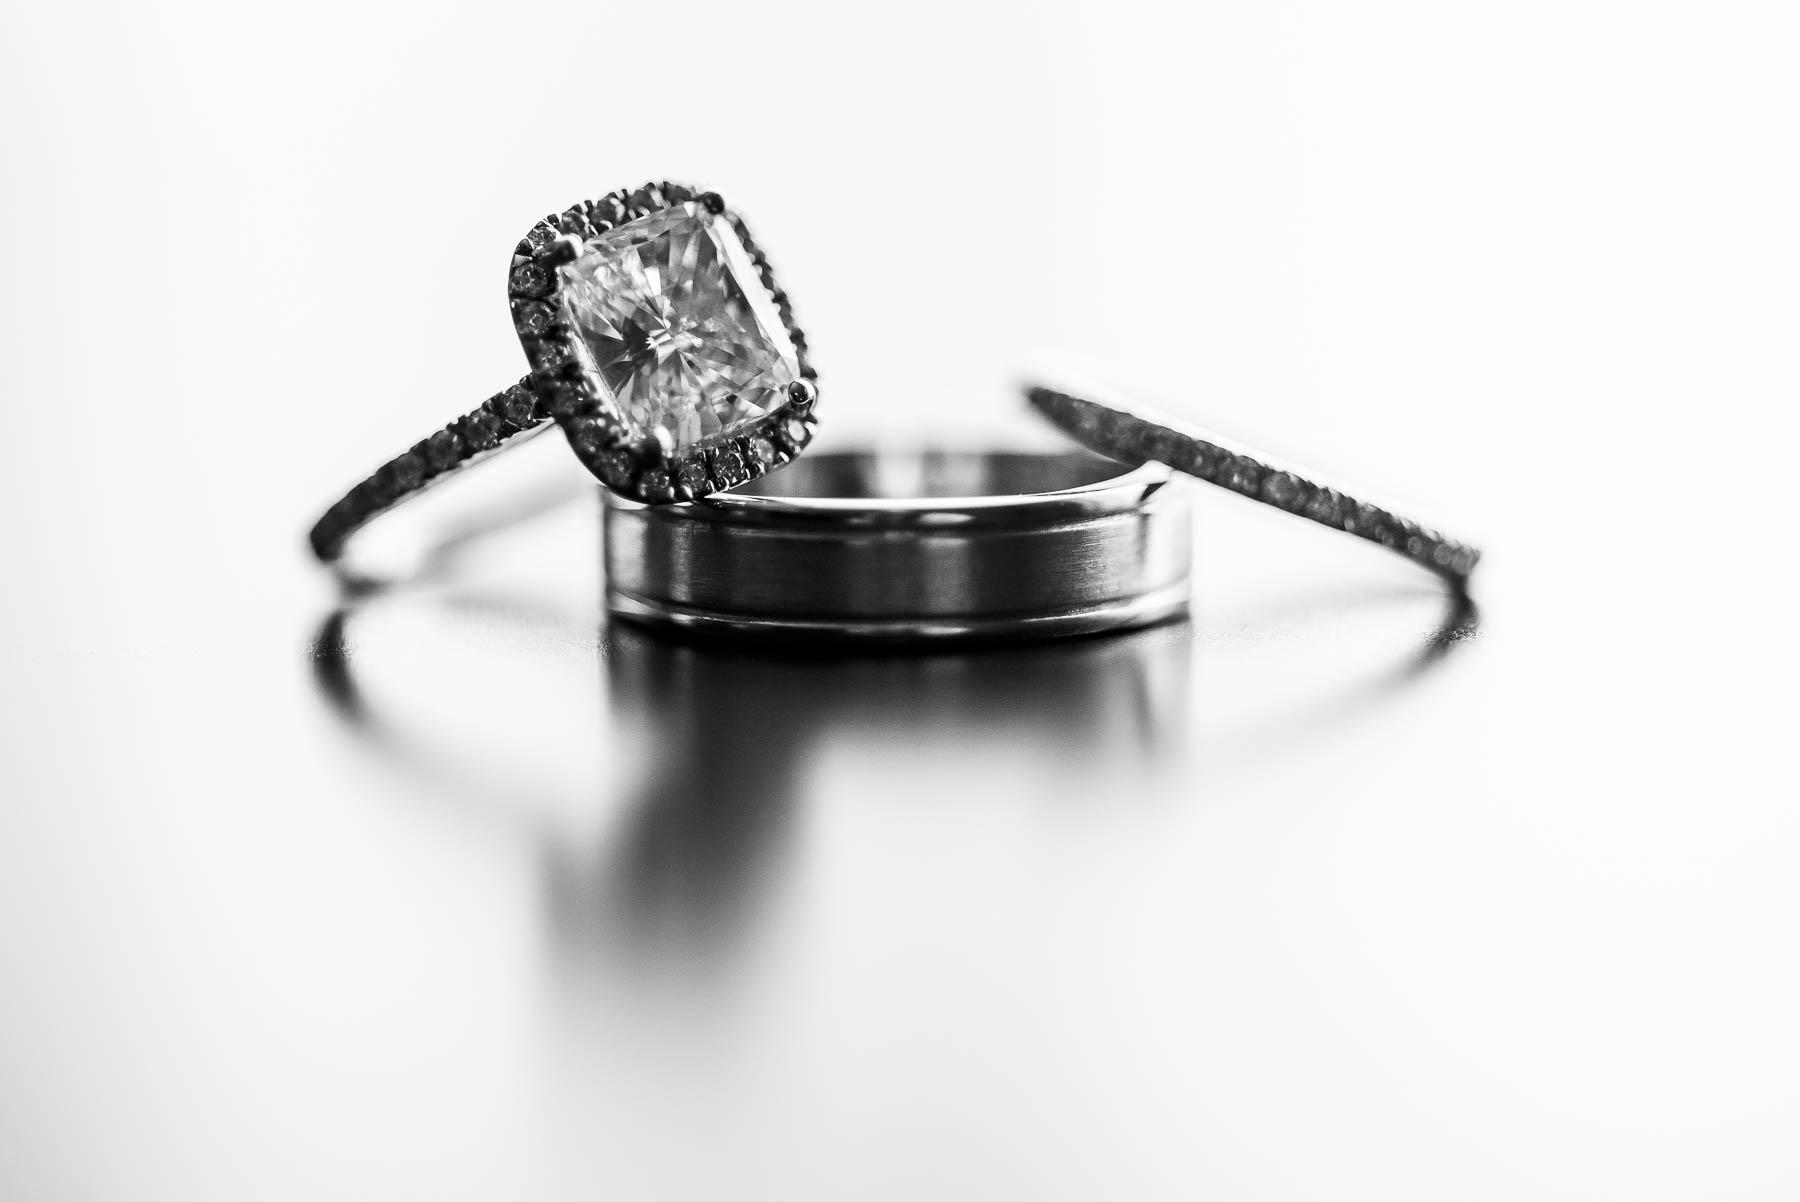 Wedding ring detail close up photo.